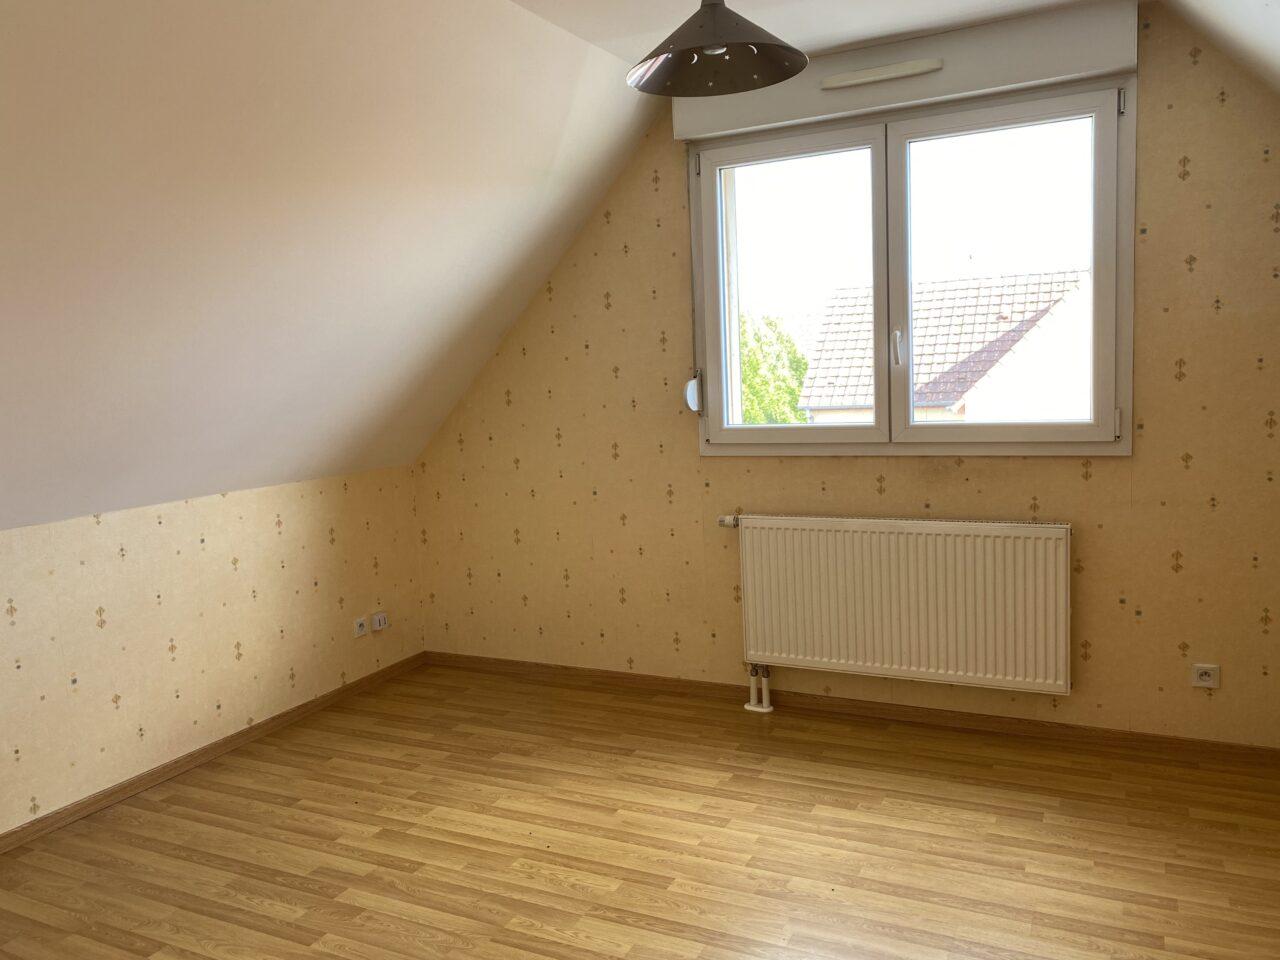 Rountzenheim duplex 5 pièces 91m2 terrasse garage. Vidéo